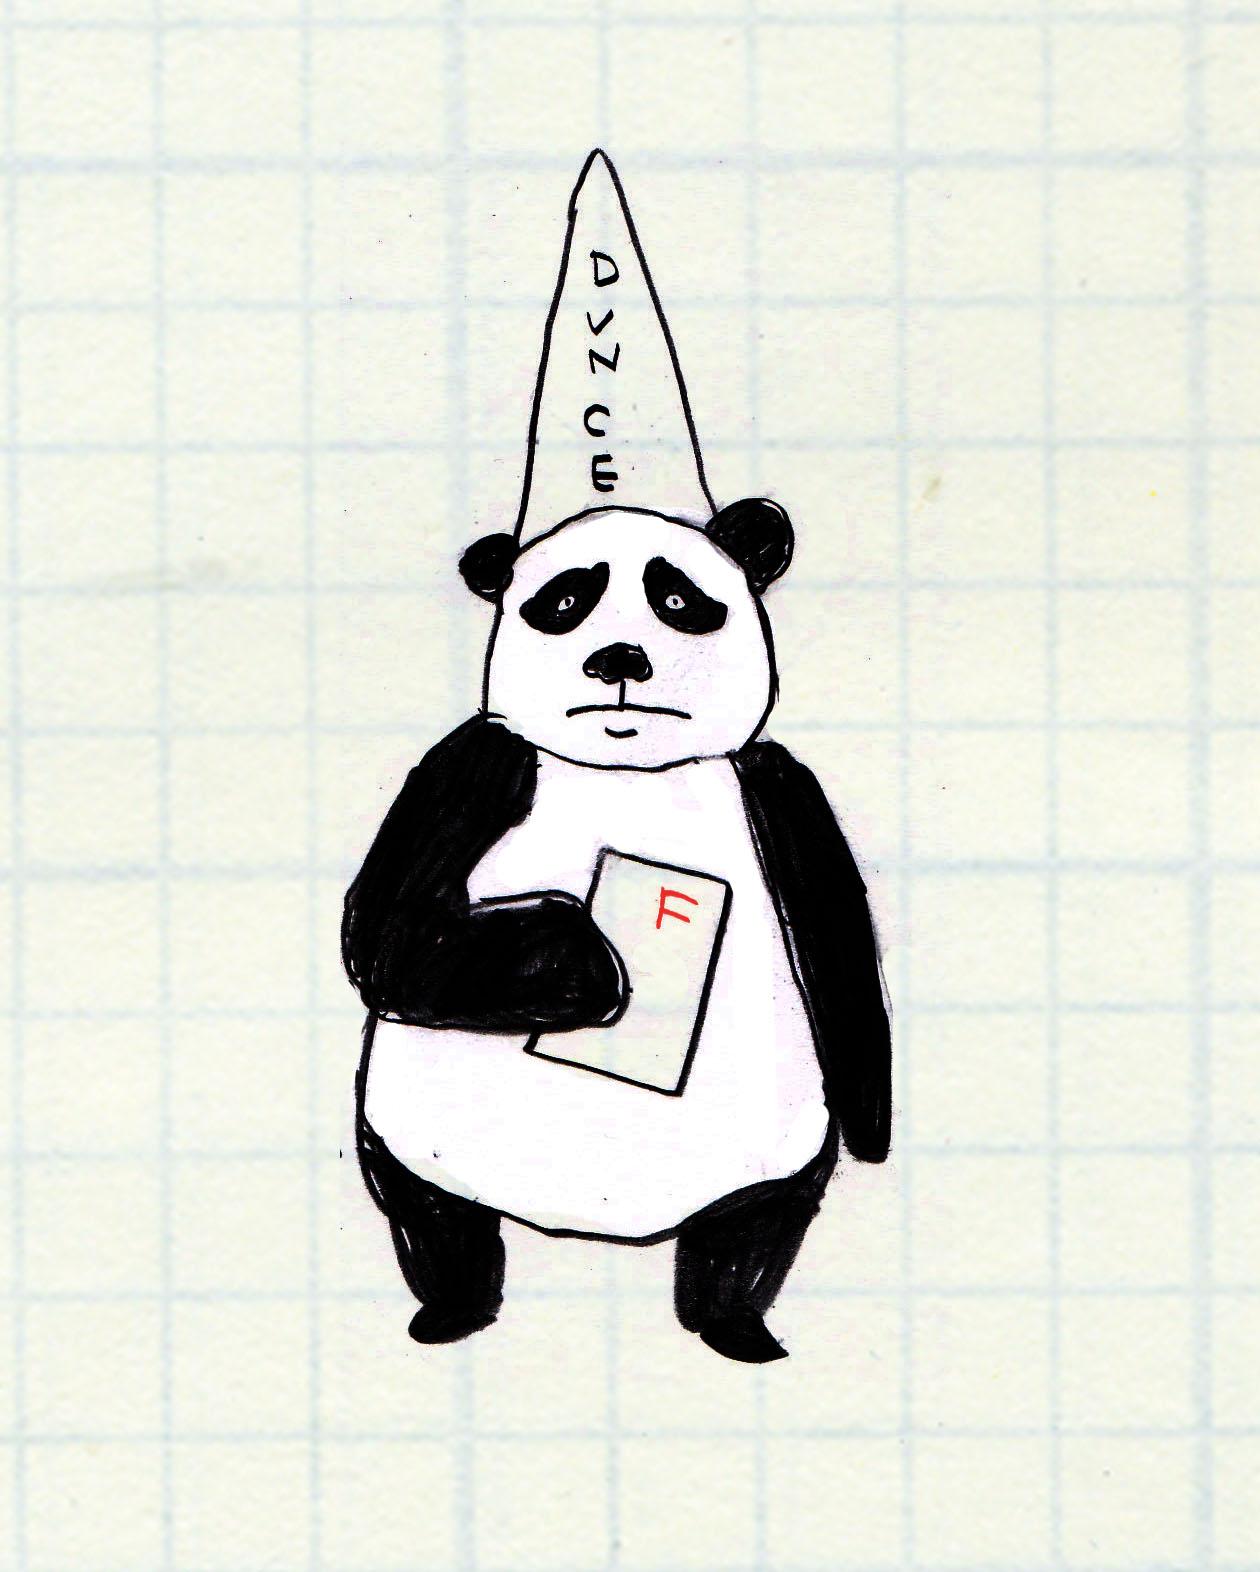 nz女孩卖玩偶保护大熊猫 四川女孩帮种竹林圆梦